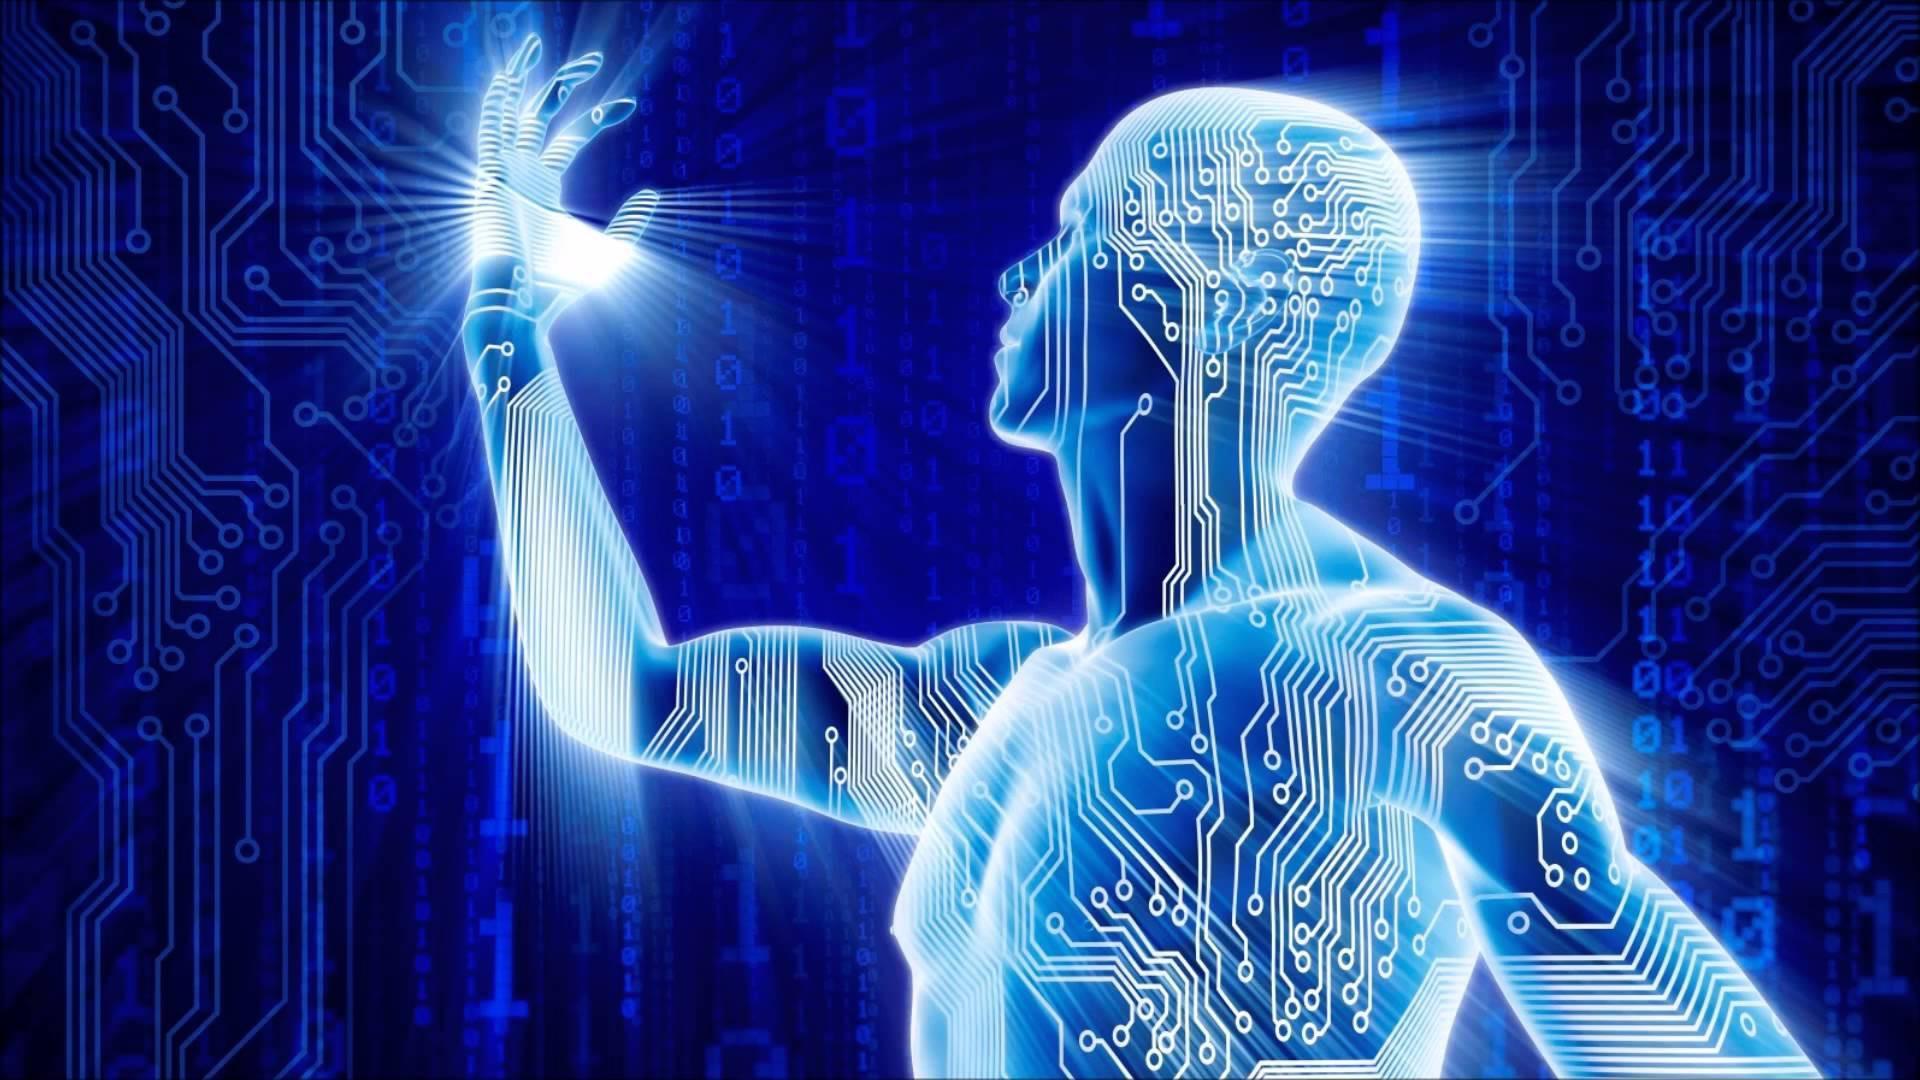 Как улучшить мозг. Выпуск 6: что есть сознание и есть ли оно у интернета?